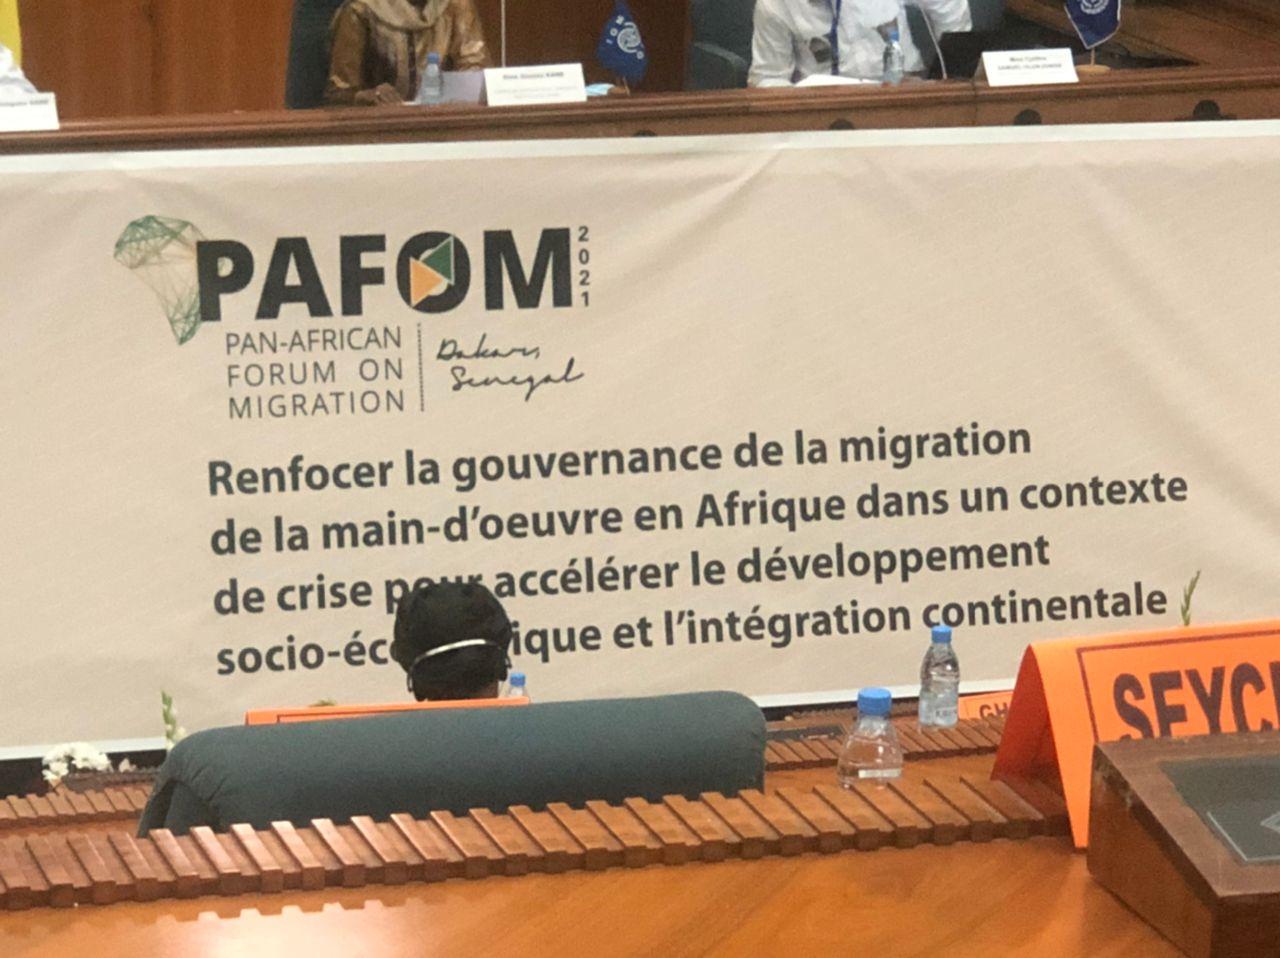 Forum sur la Migration: L'Afrique à la recherche de solutions pour accélérer le développement socio-économique et...